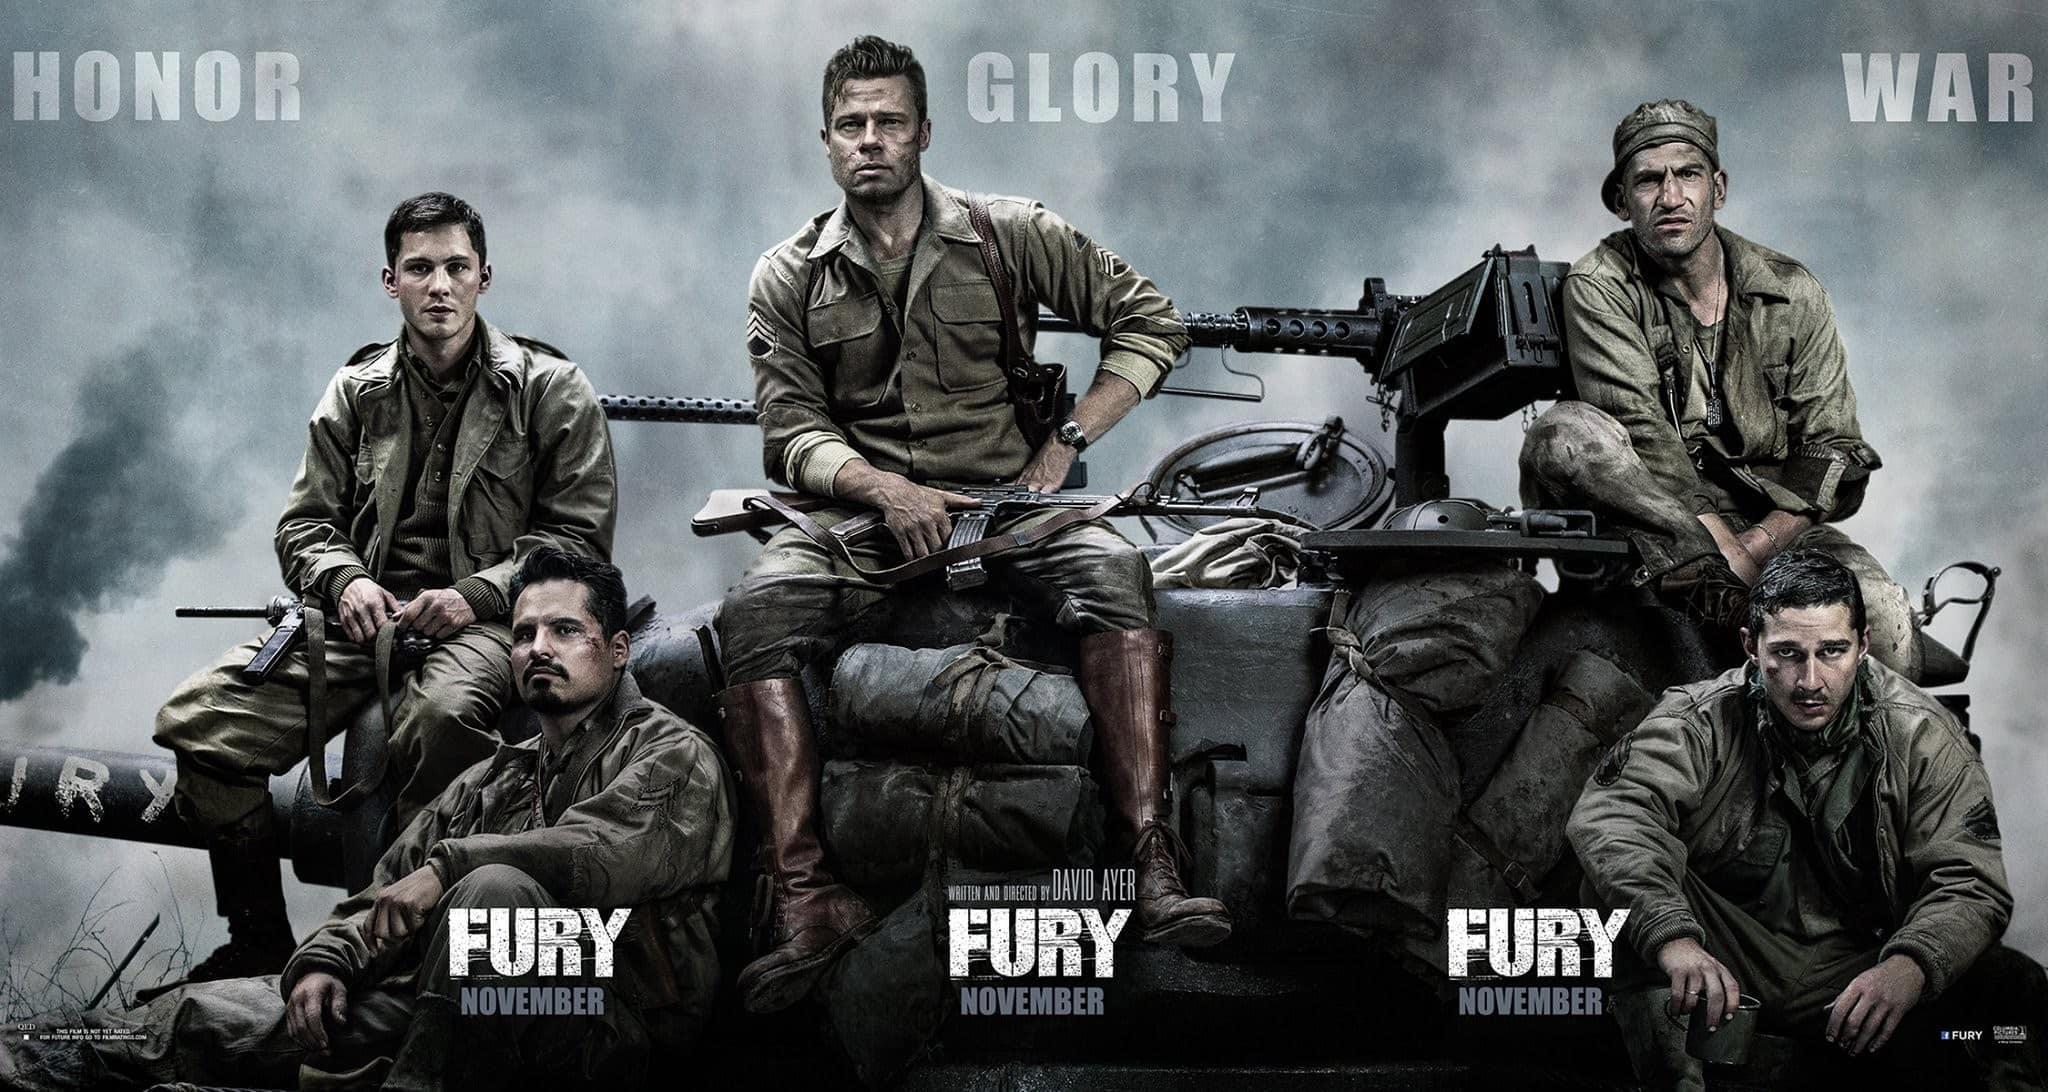 Fury - Corazones de hierro